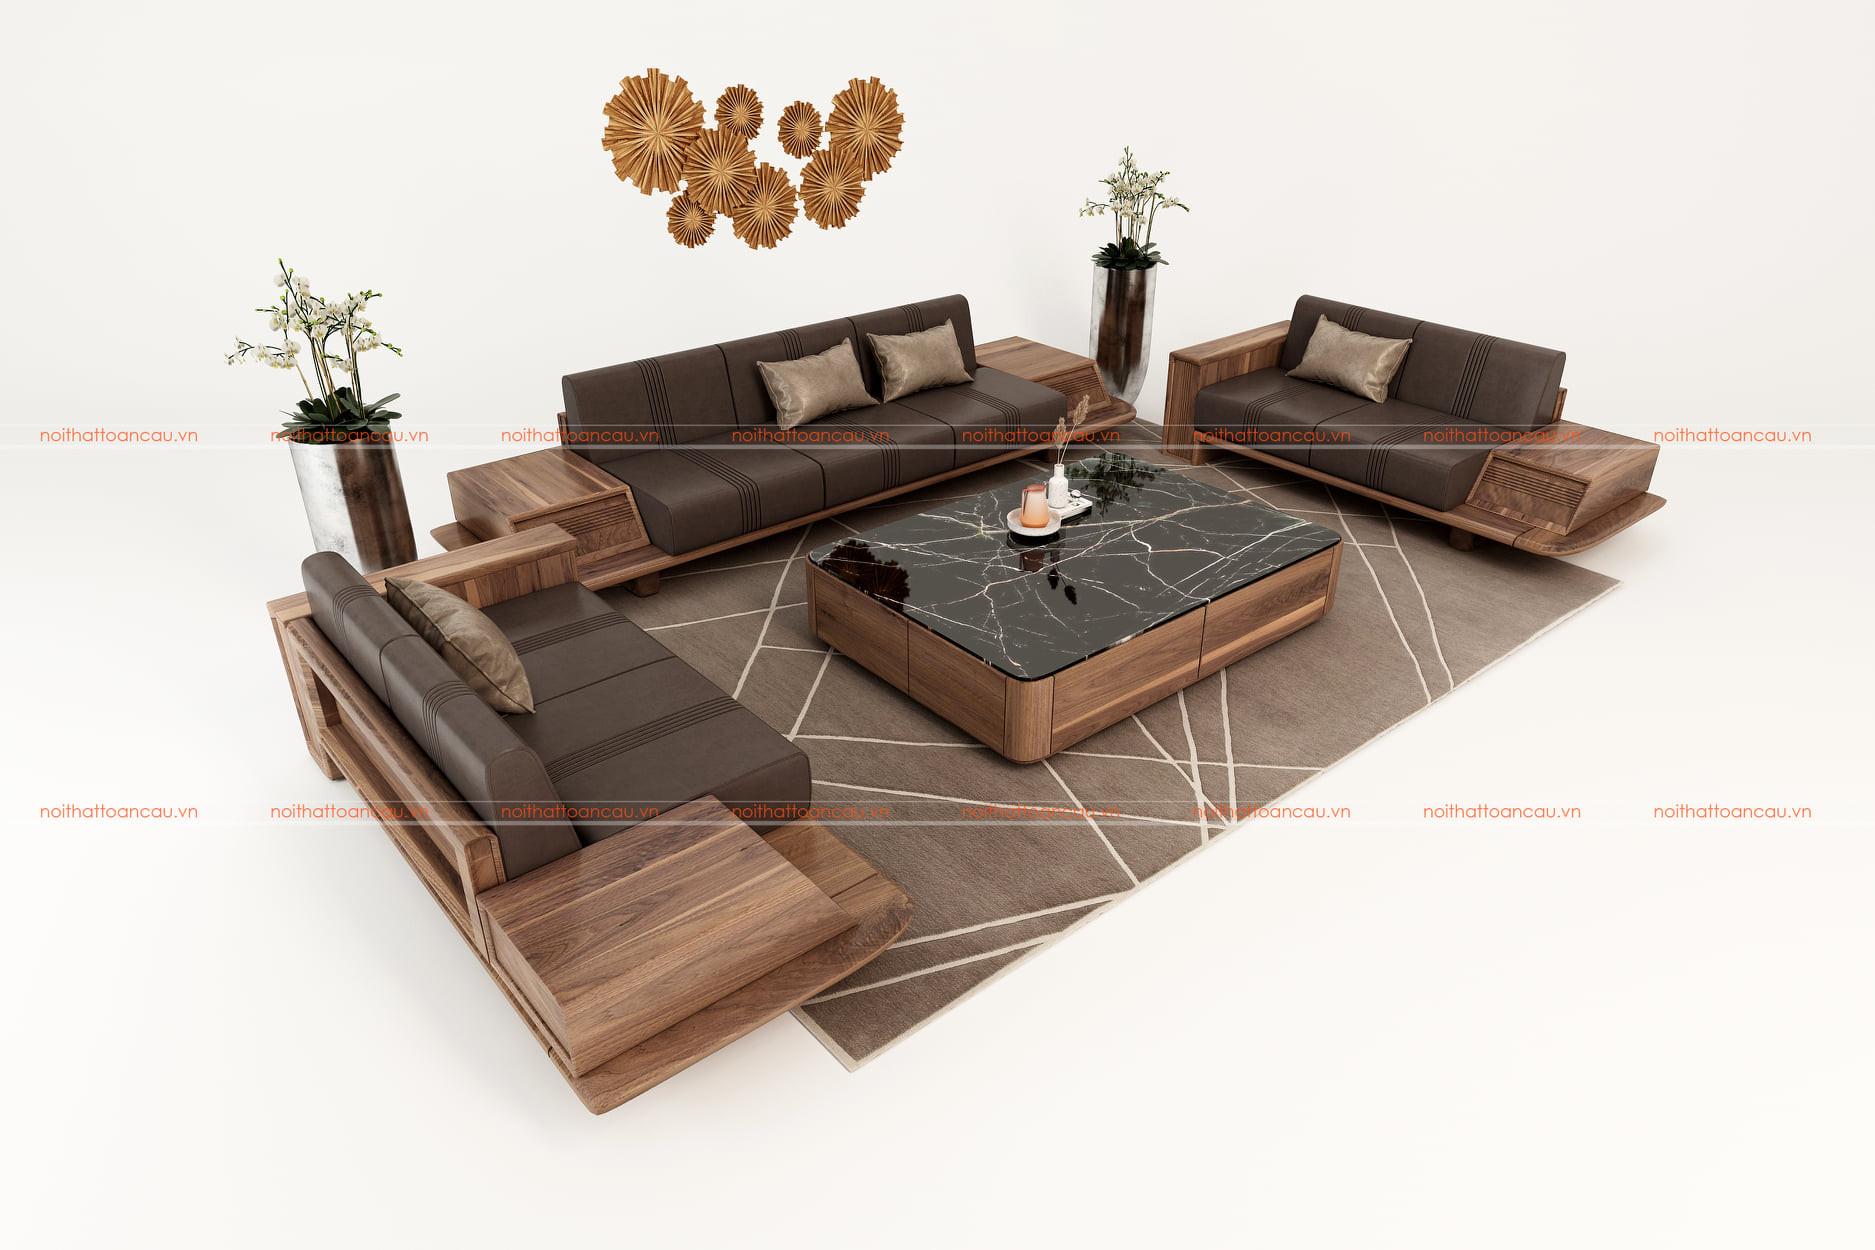 Sofa gỗ óc chó cho phòng khách hiện đại - TC140 b